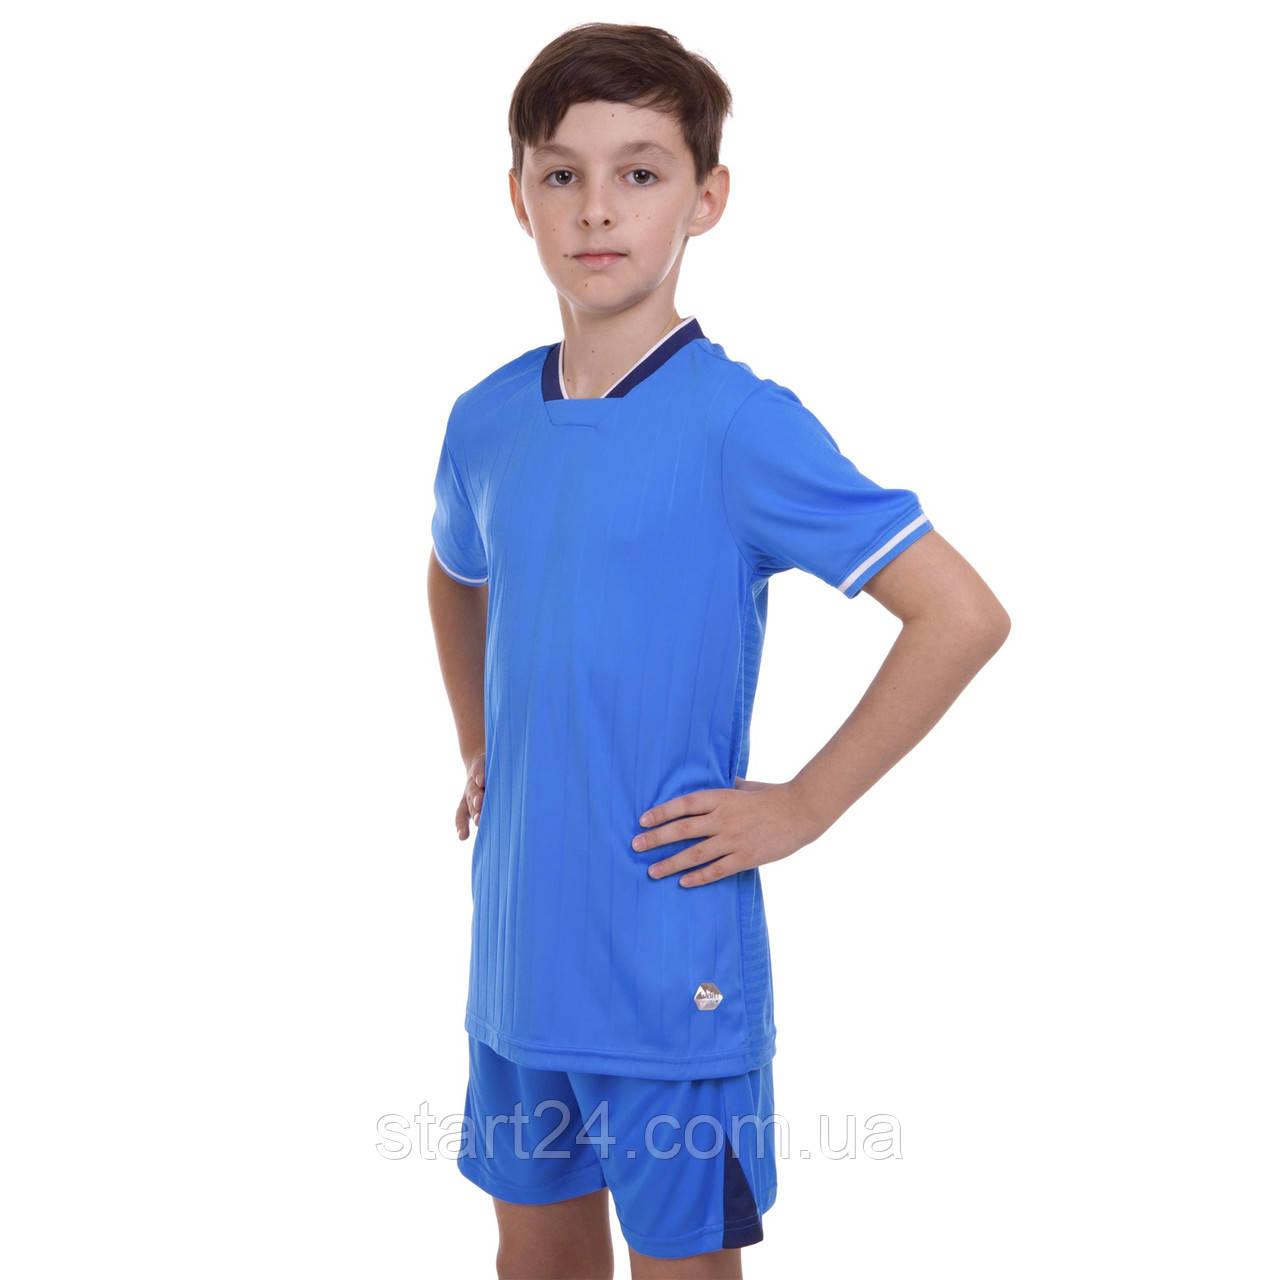 Форма футбольная подростковая SP-Sport CO-1905B (PL, р-р 24-30, 120-150см, цвета в ассортименте)